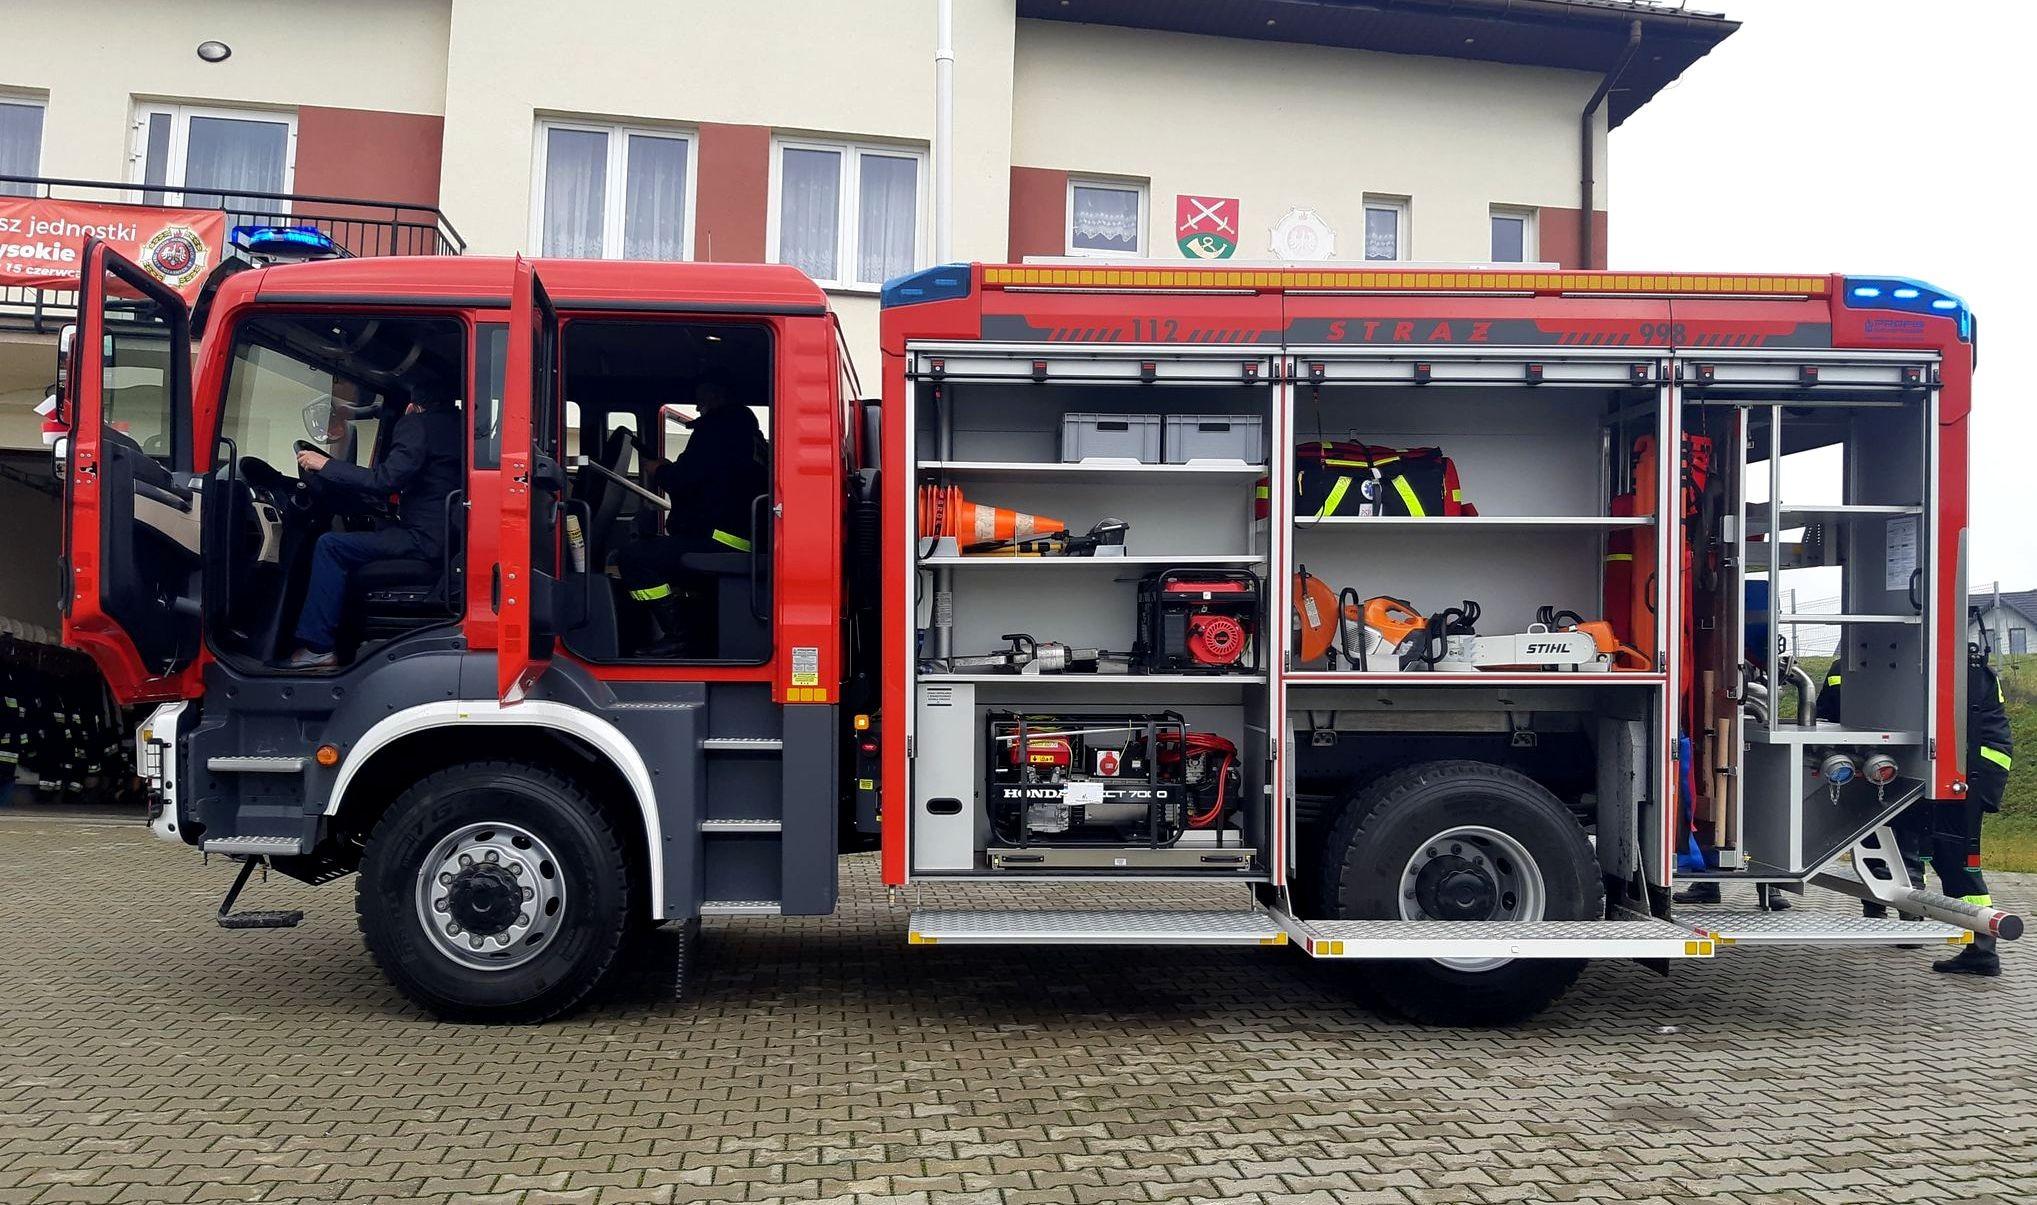 Wóz strażacki z otwartymi komorami na sprzęt pożarniczy na tle budynku OSP.